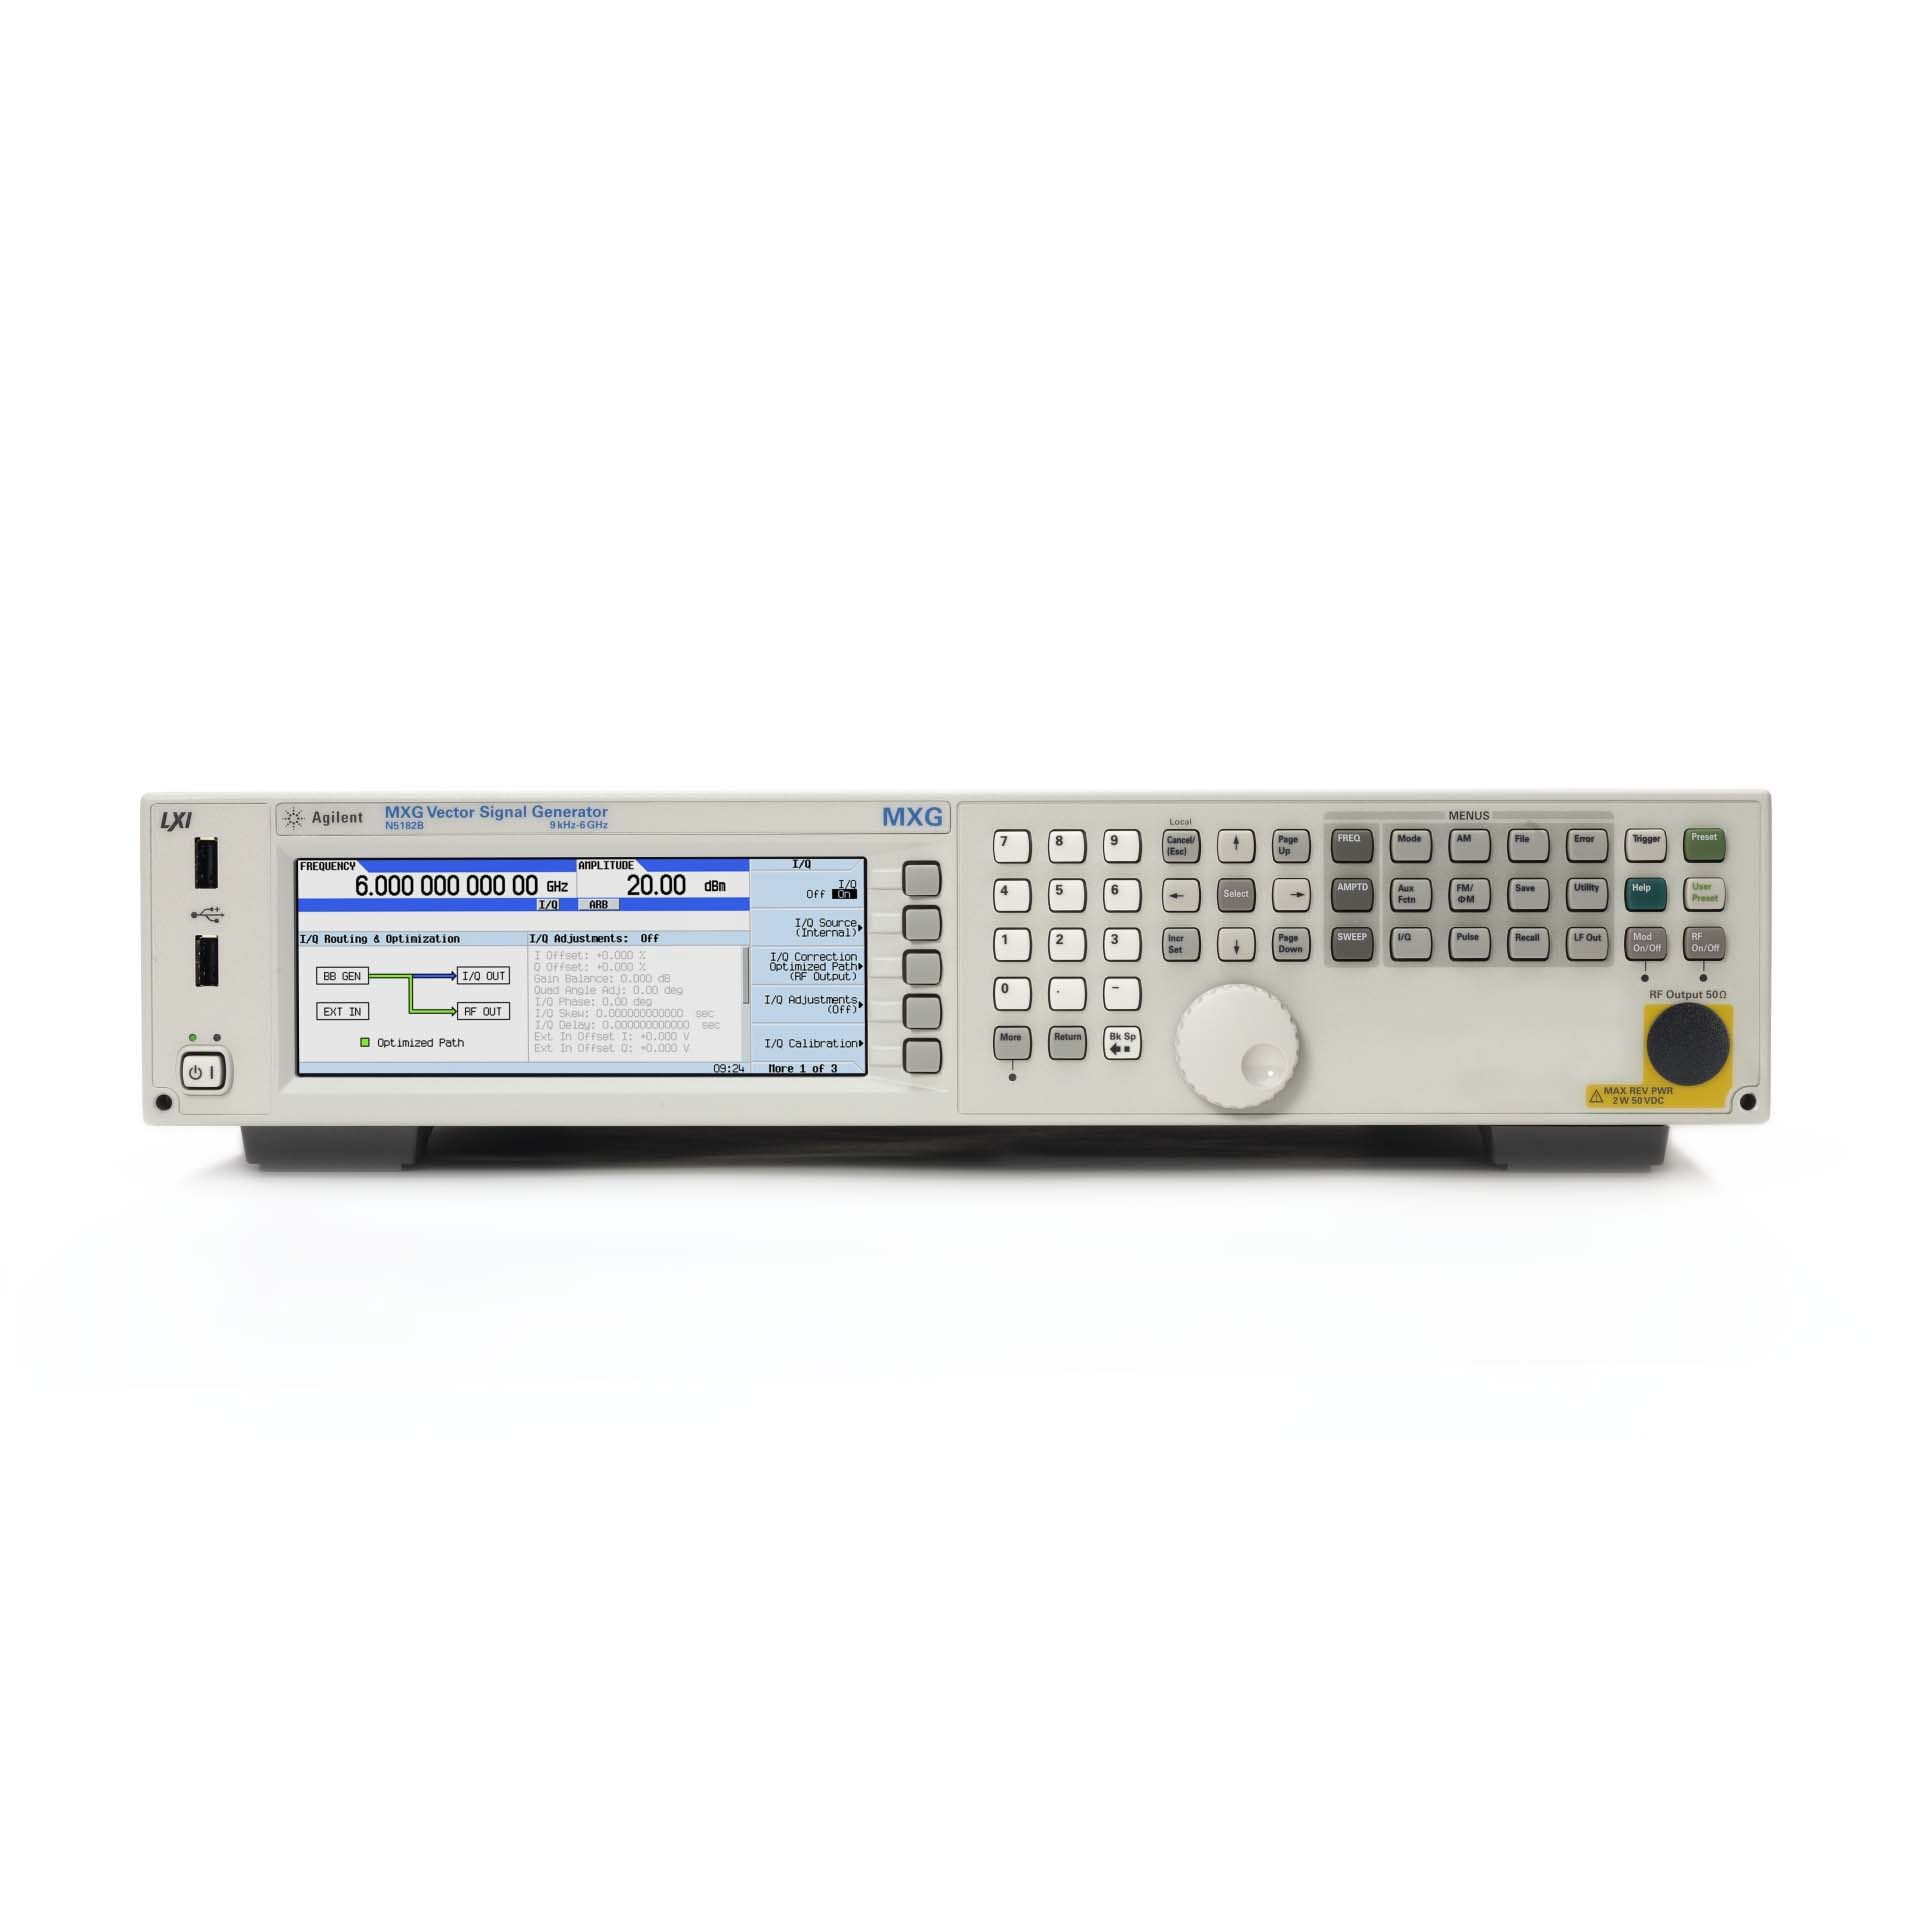 N5182B/012,023,1EA,403,506,656,657,660,UNV,UNX,N7624B-3FP・HFP・JFP・SFP・TFP,N7625B-3FP・EFP・JFP・QFP・TFP RFベクトル信号発生器